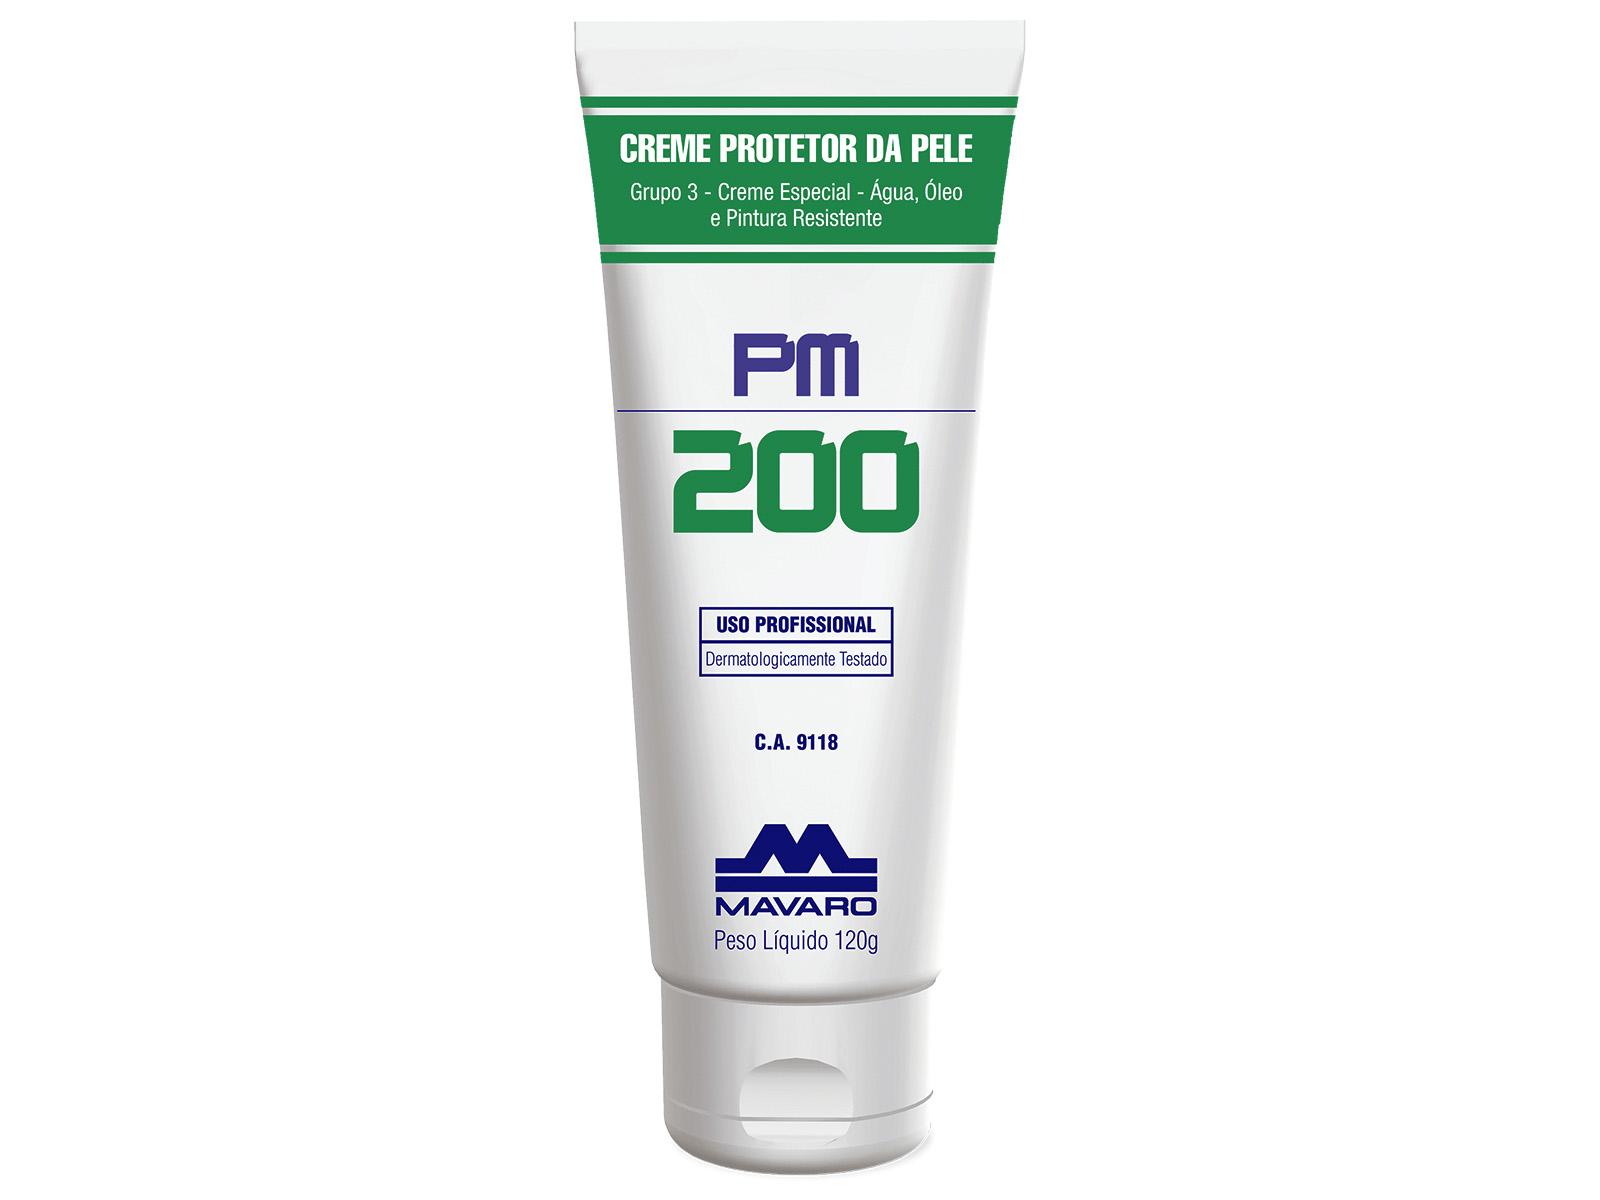 Creme de Proteção Profissional PM 200